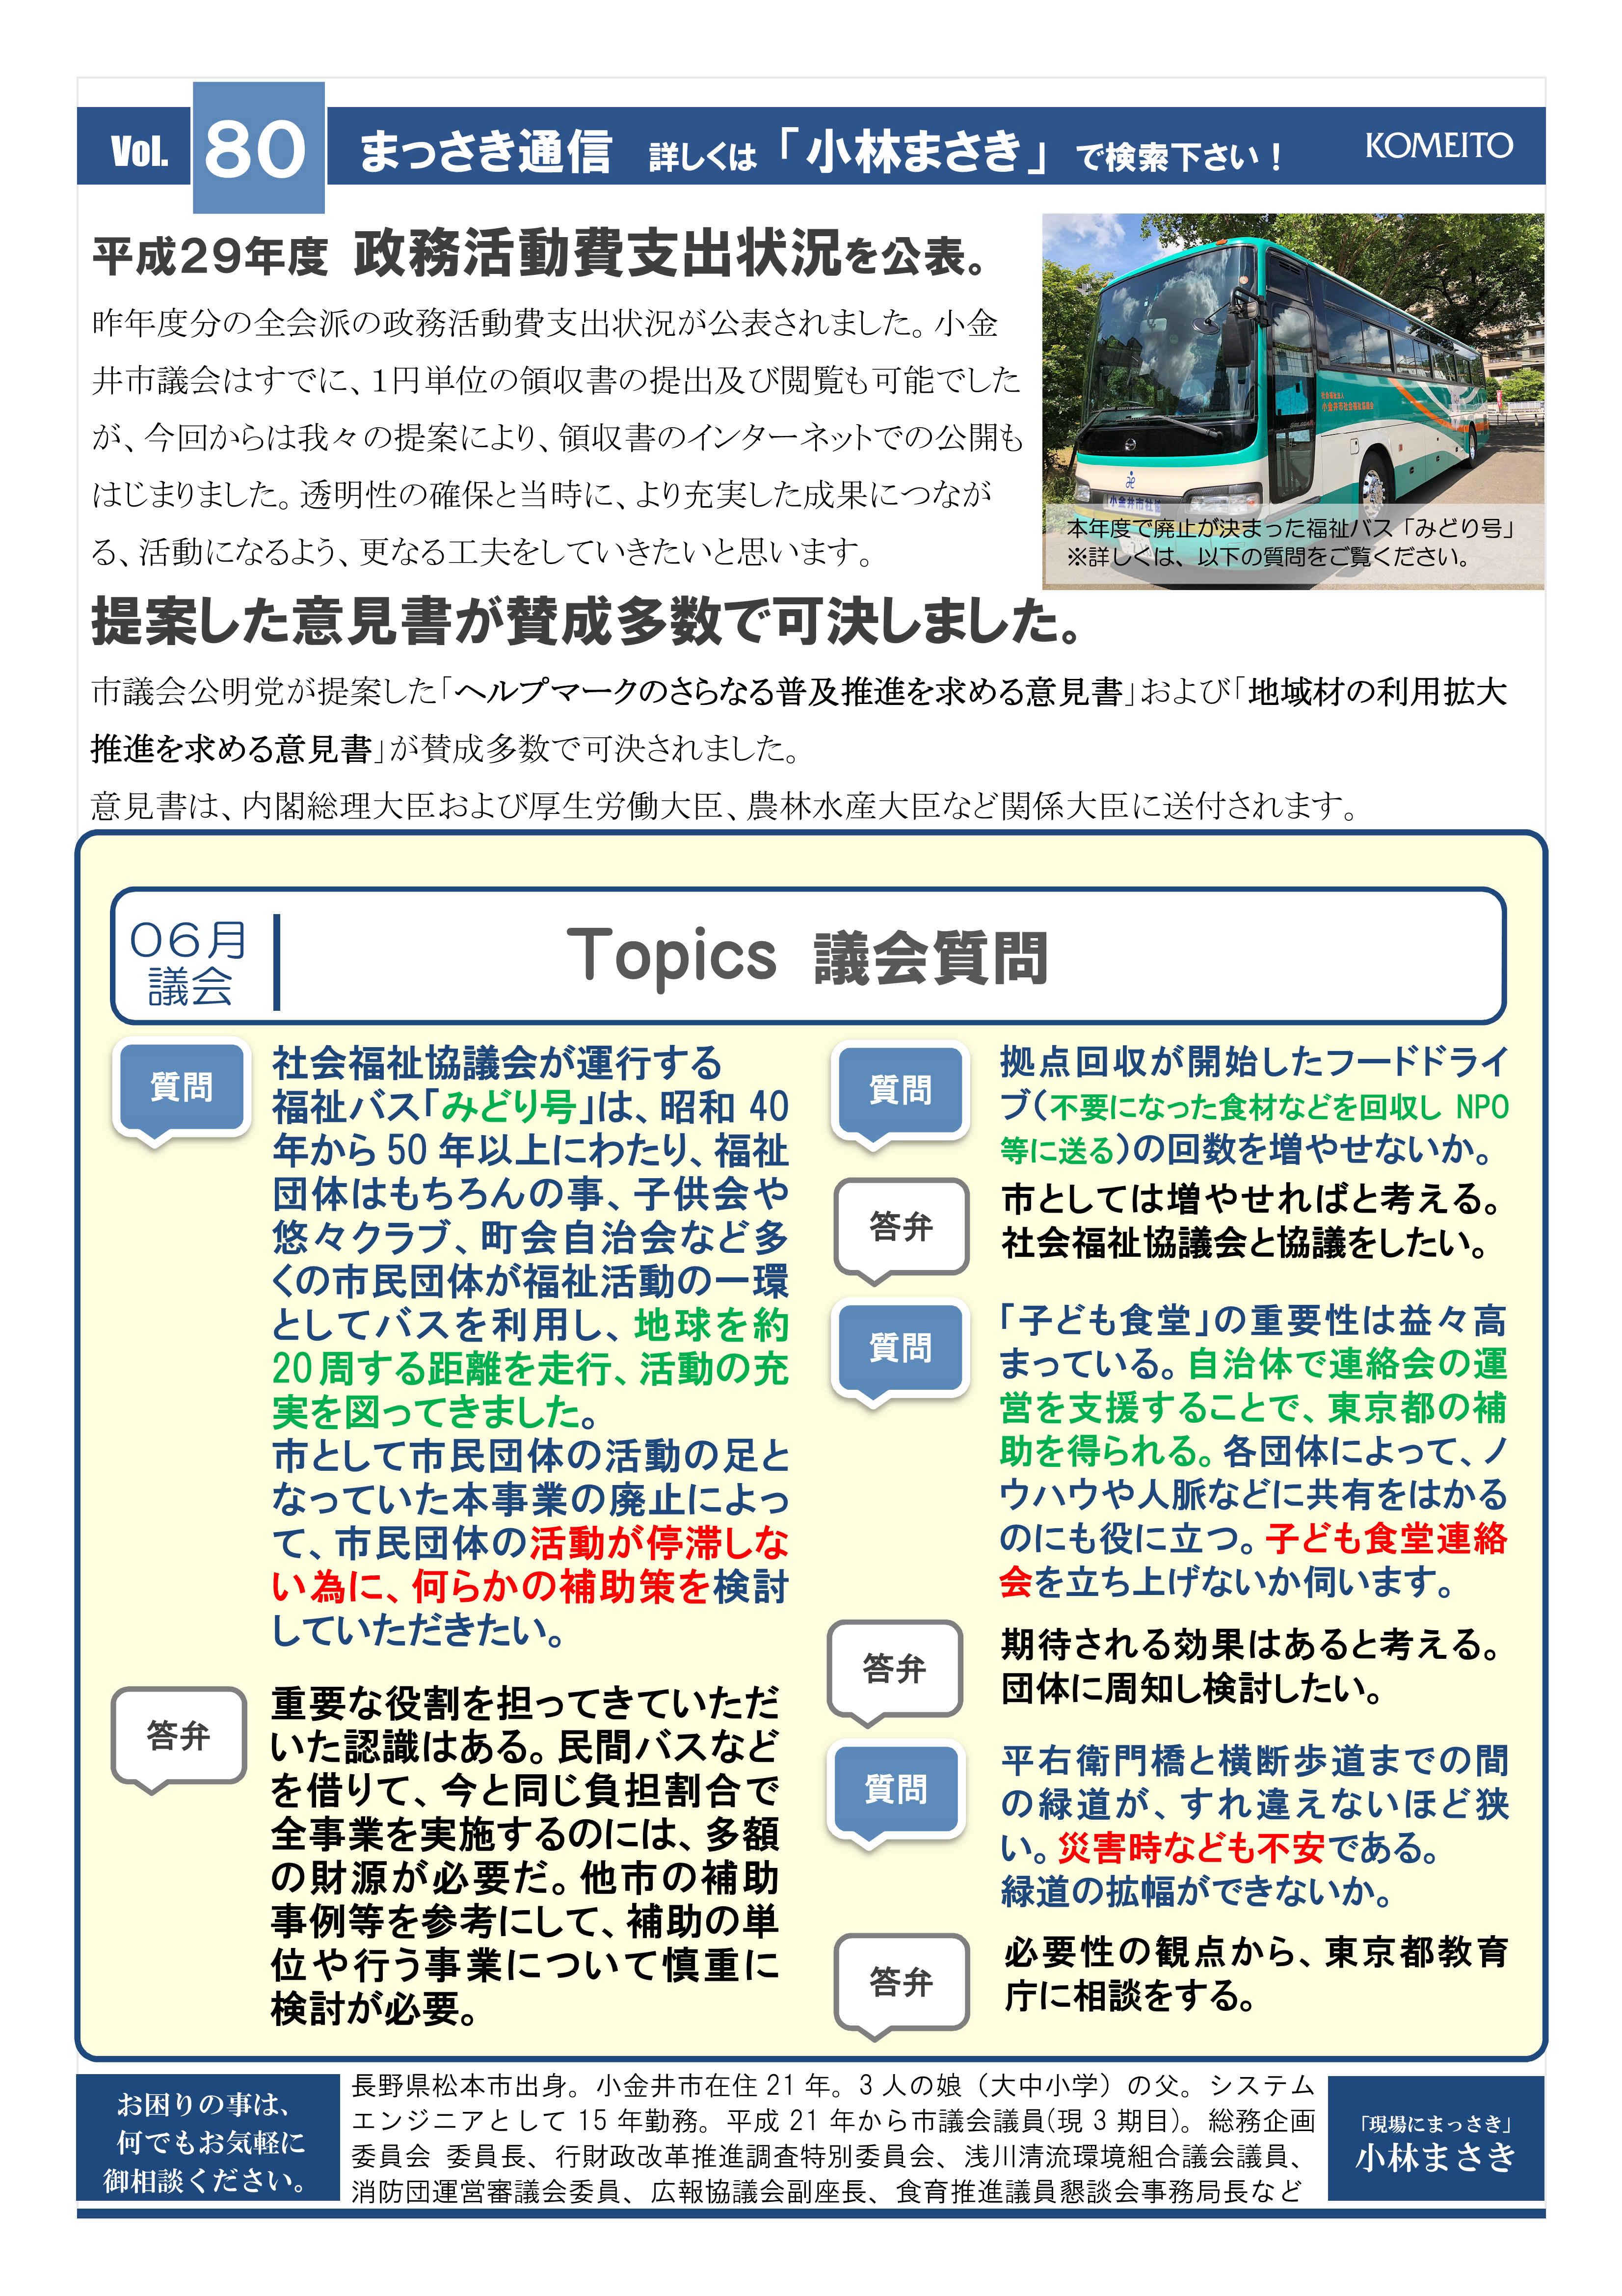 ROKU80_page002